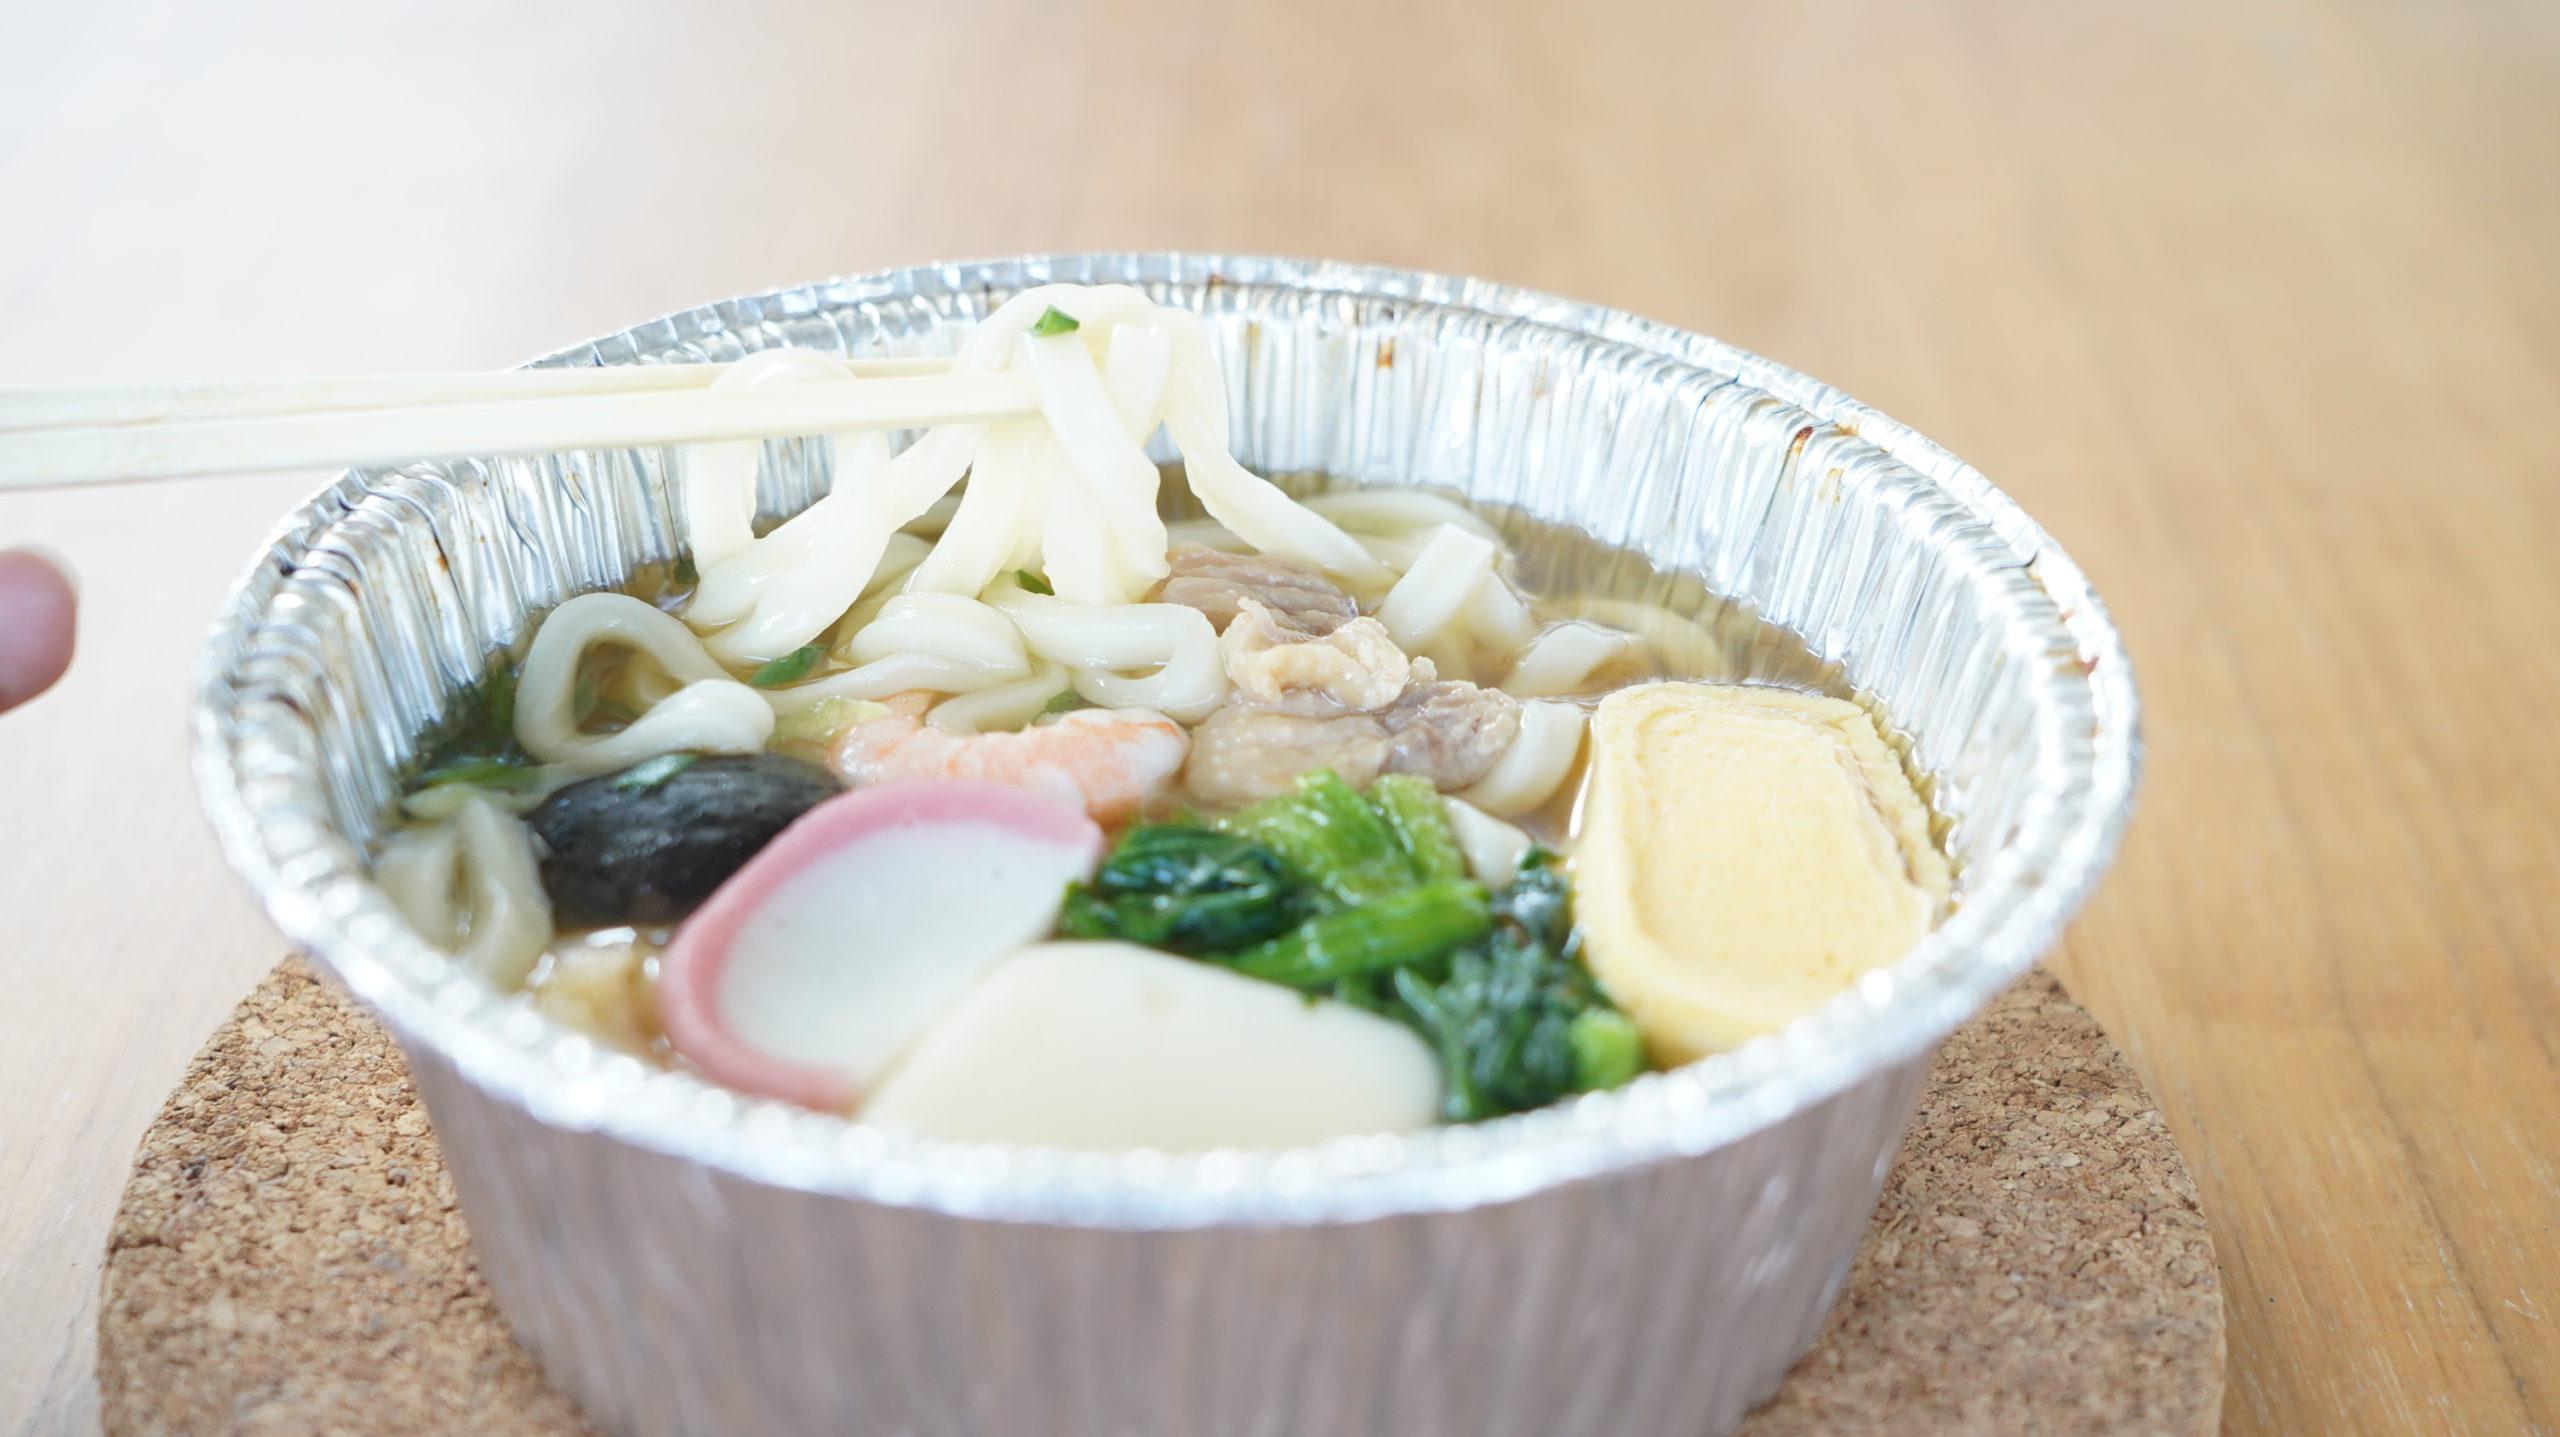 セブンイレブンの冷凍食品「関西風だし・鍋焼うどん」の麺をつまんでいる写真